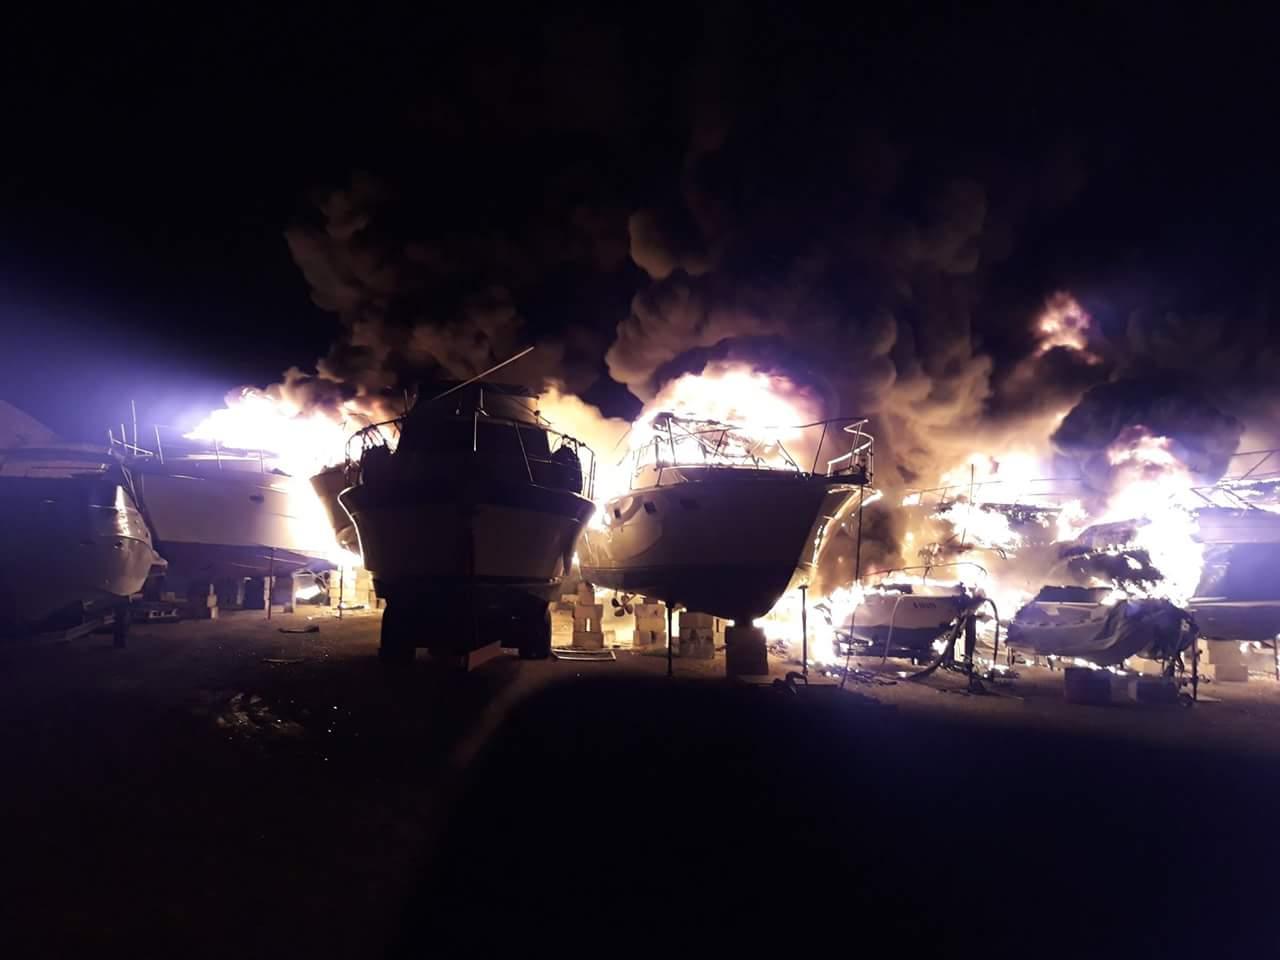 Чартерные мега яхты горят на шип ярде Мальта